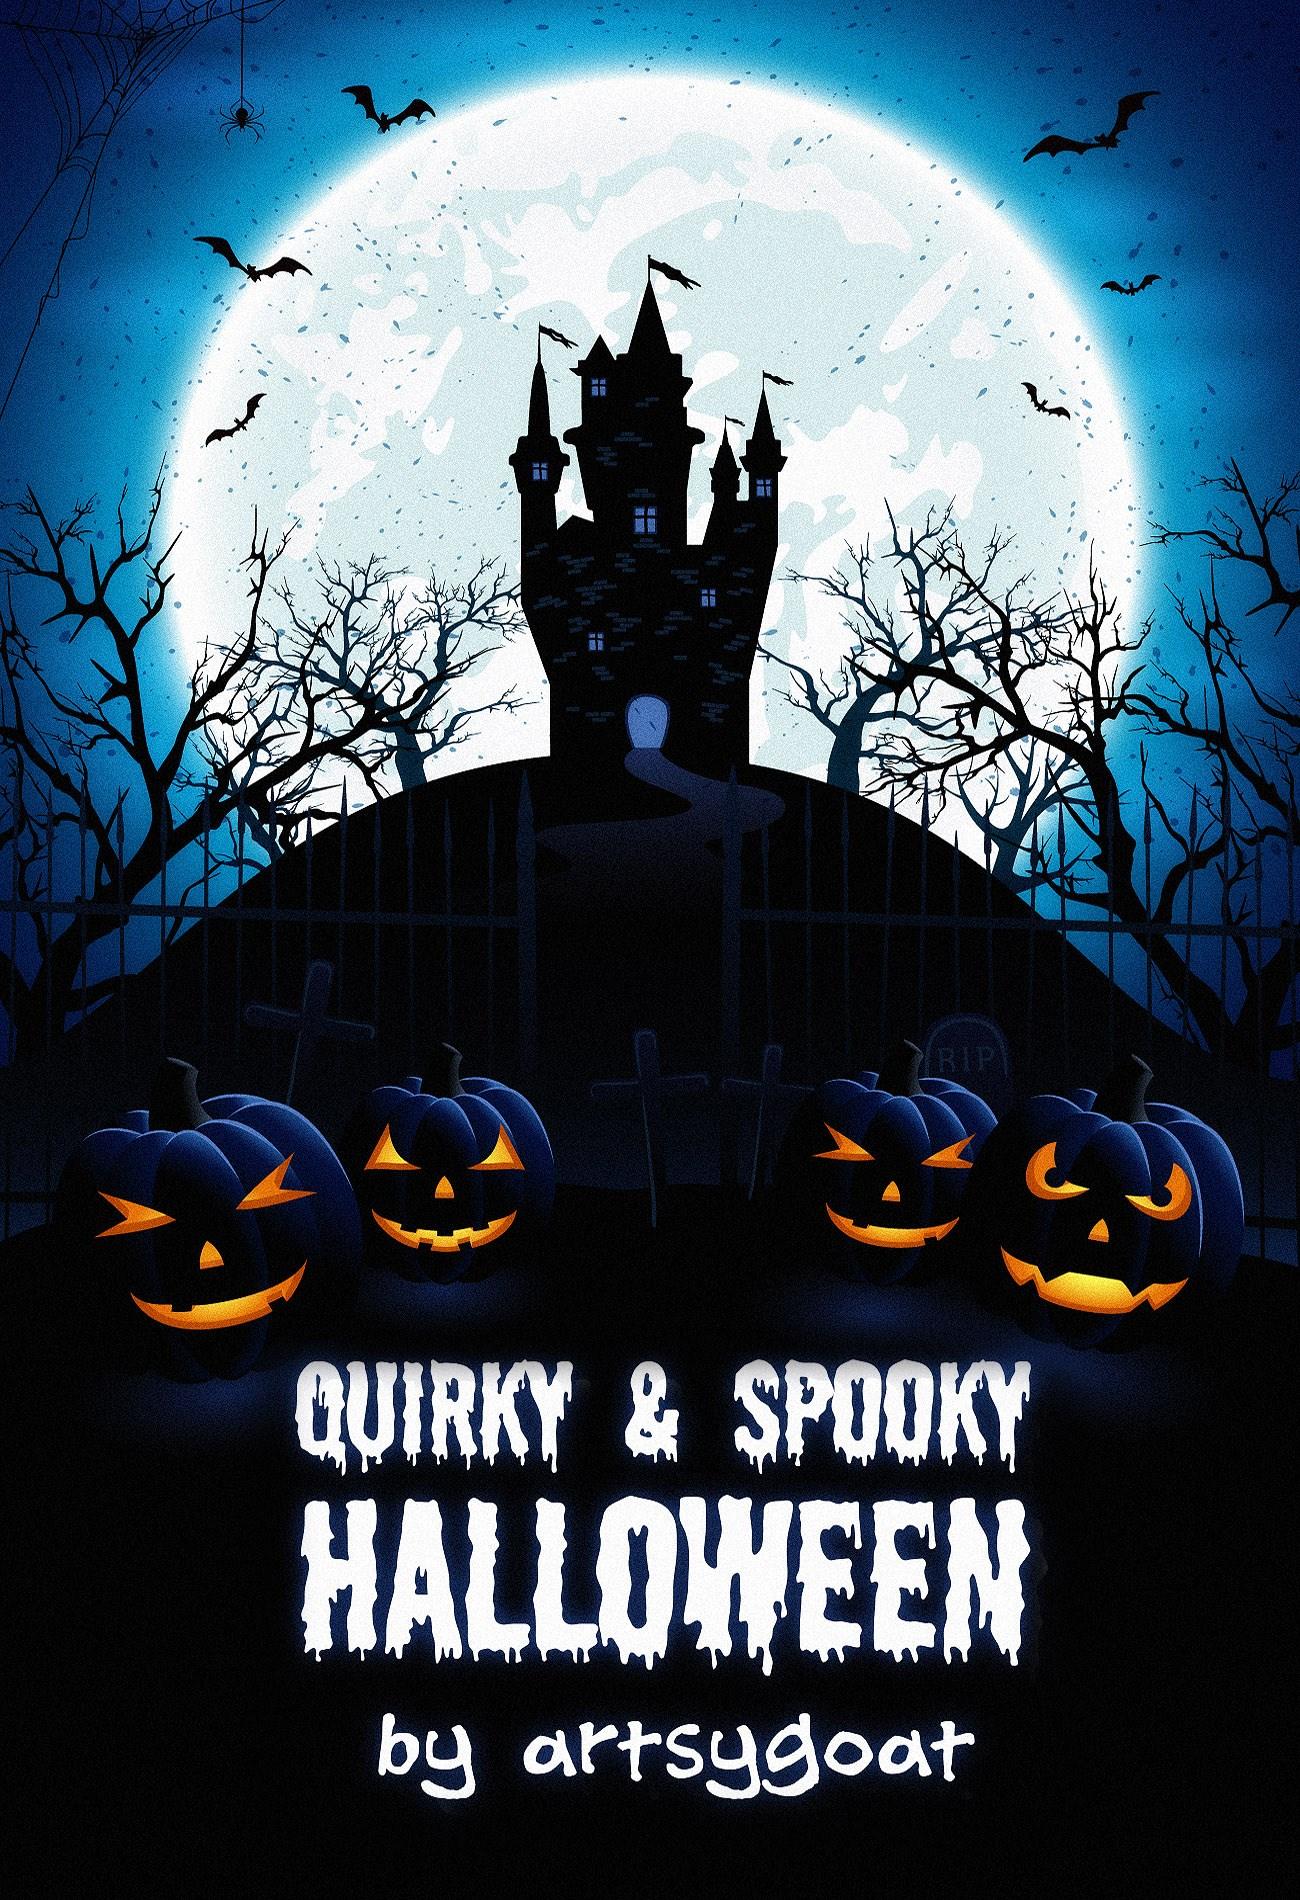 quirky spooky halloween - Halloween Wav Files